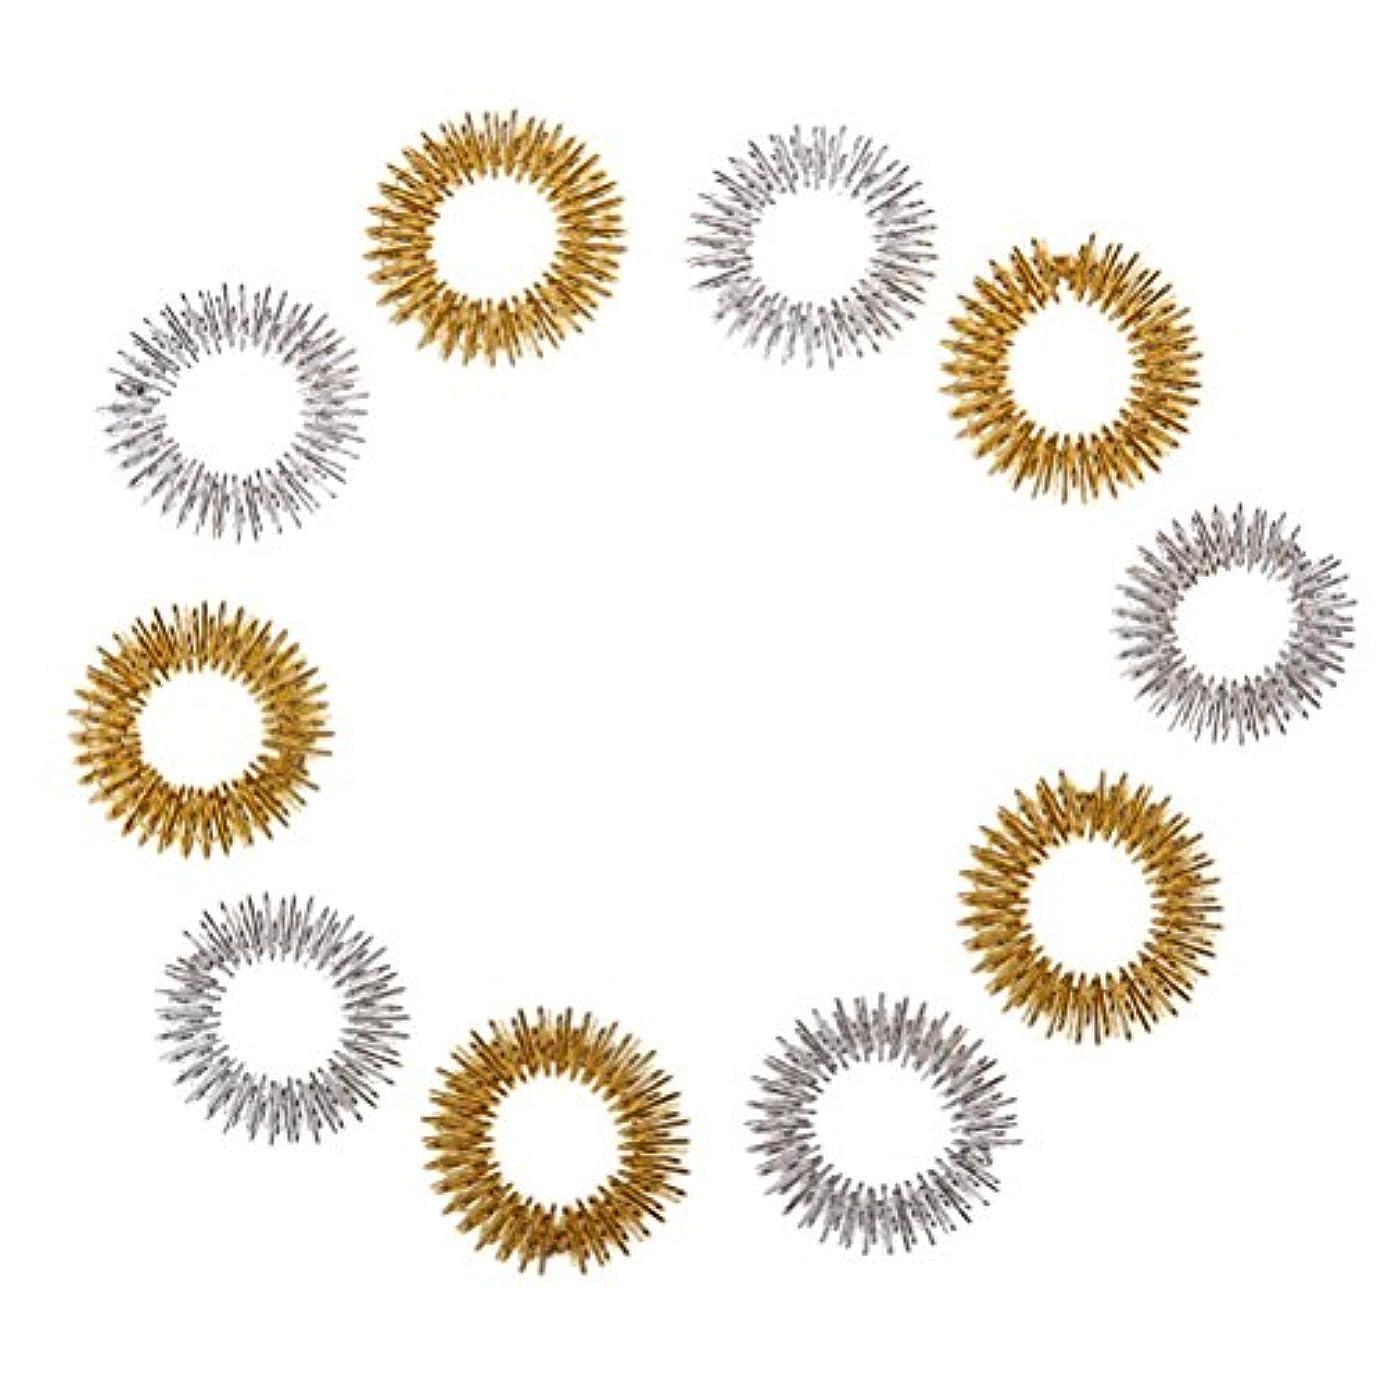 心配する見積り化合物Healifty 10個指圧マッサージリング子供のための指の循環リング十代の若者たちの大人(ランダムカラー)